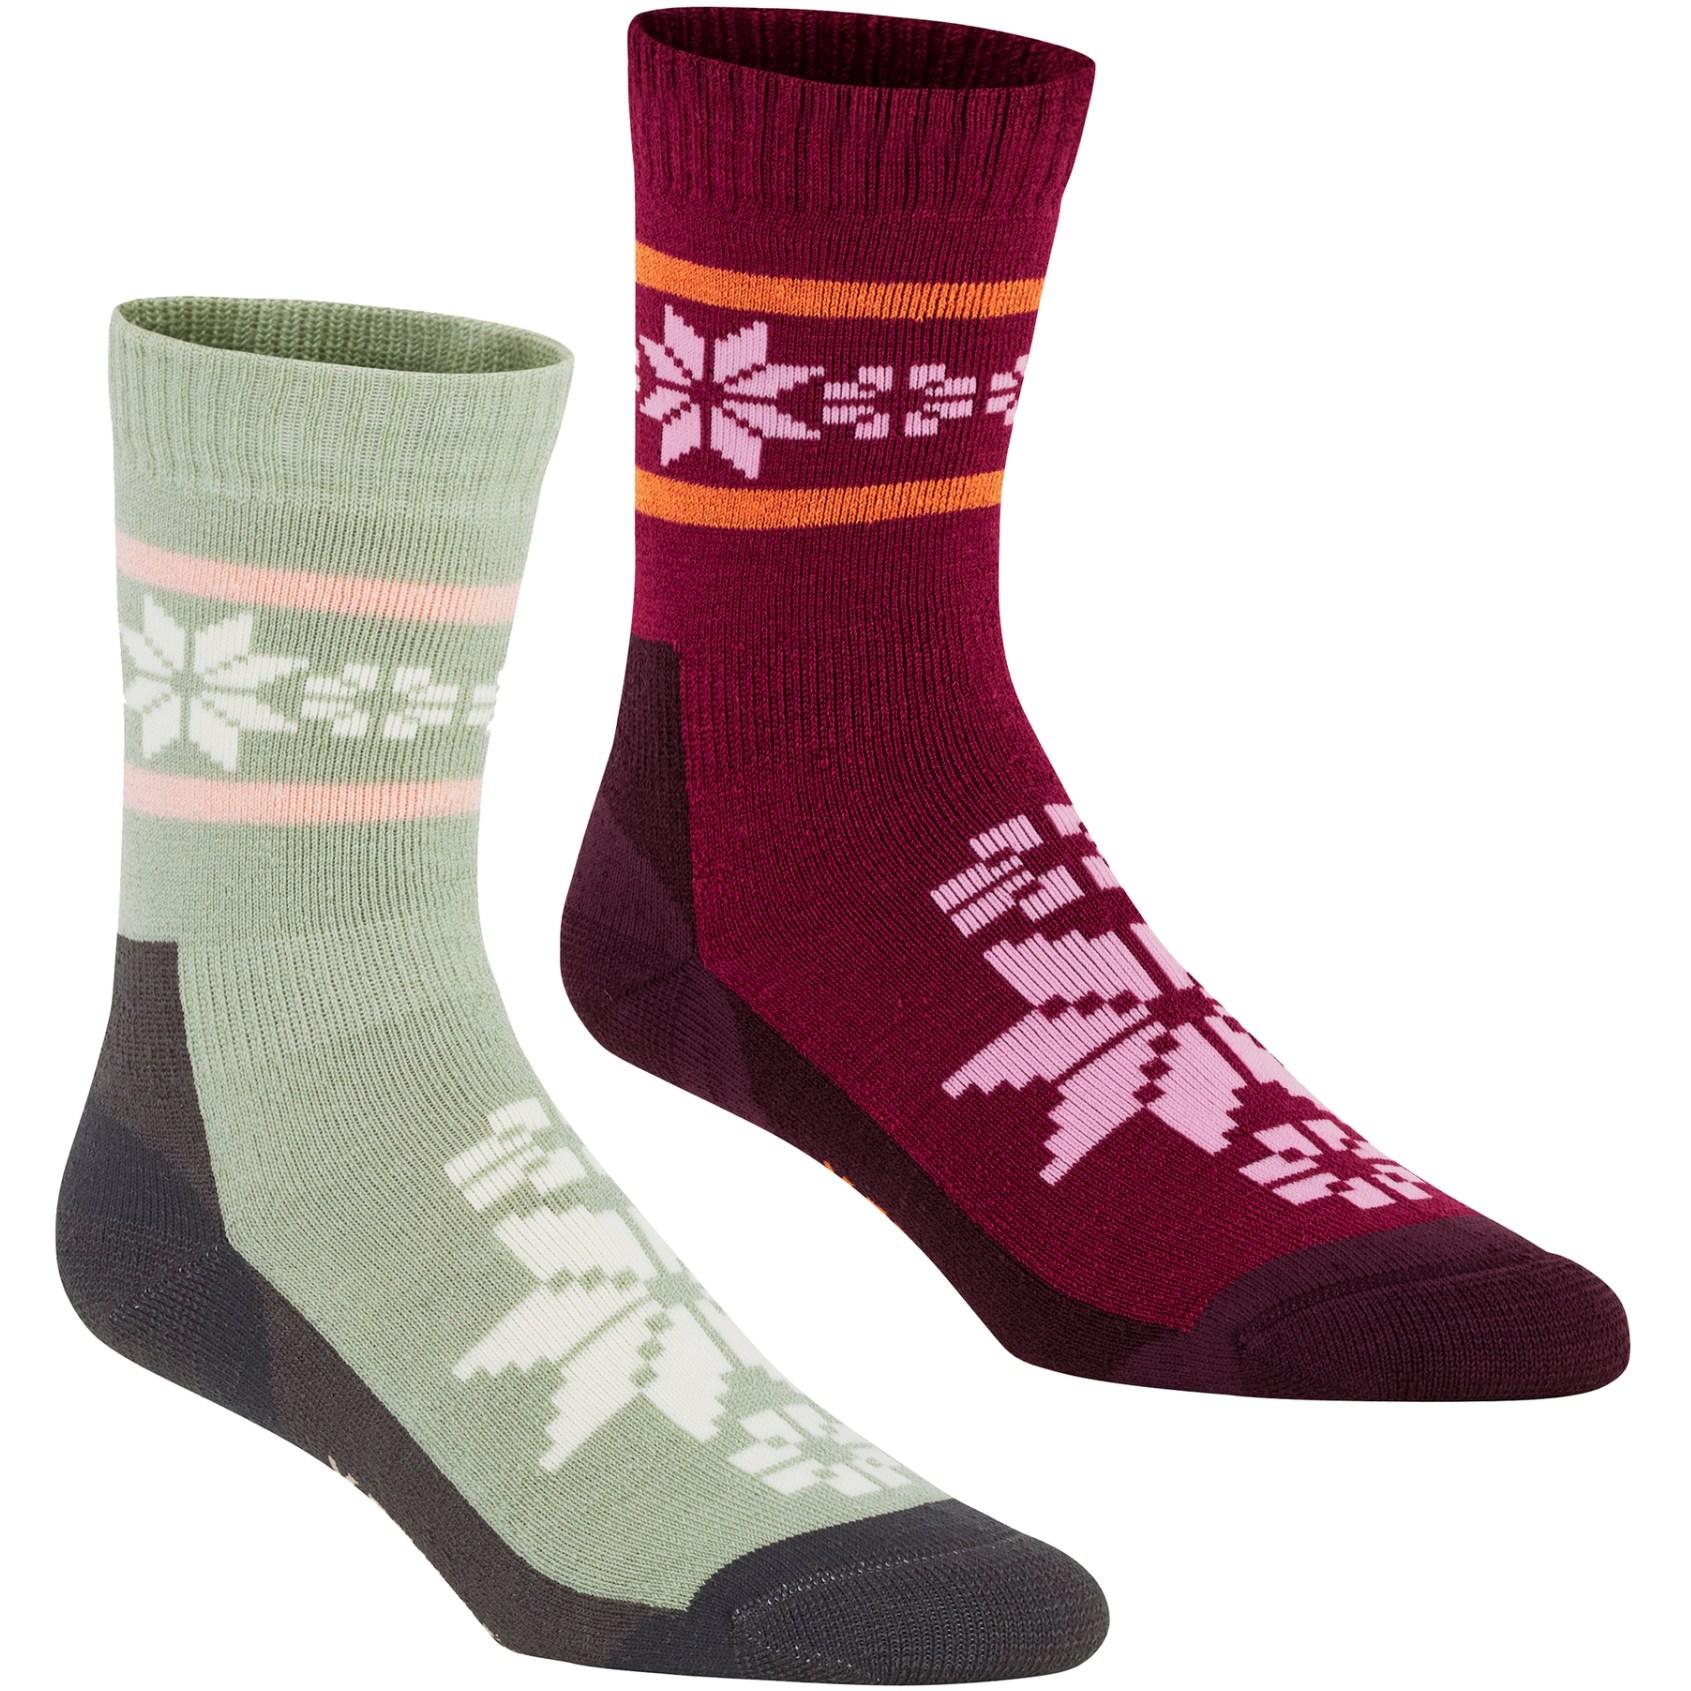 Kari Traa Rusa Women's Socks - 2 Pack - Slate